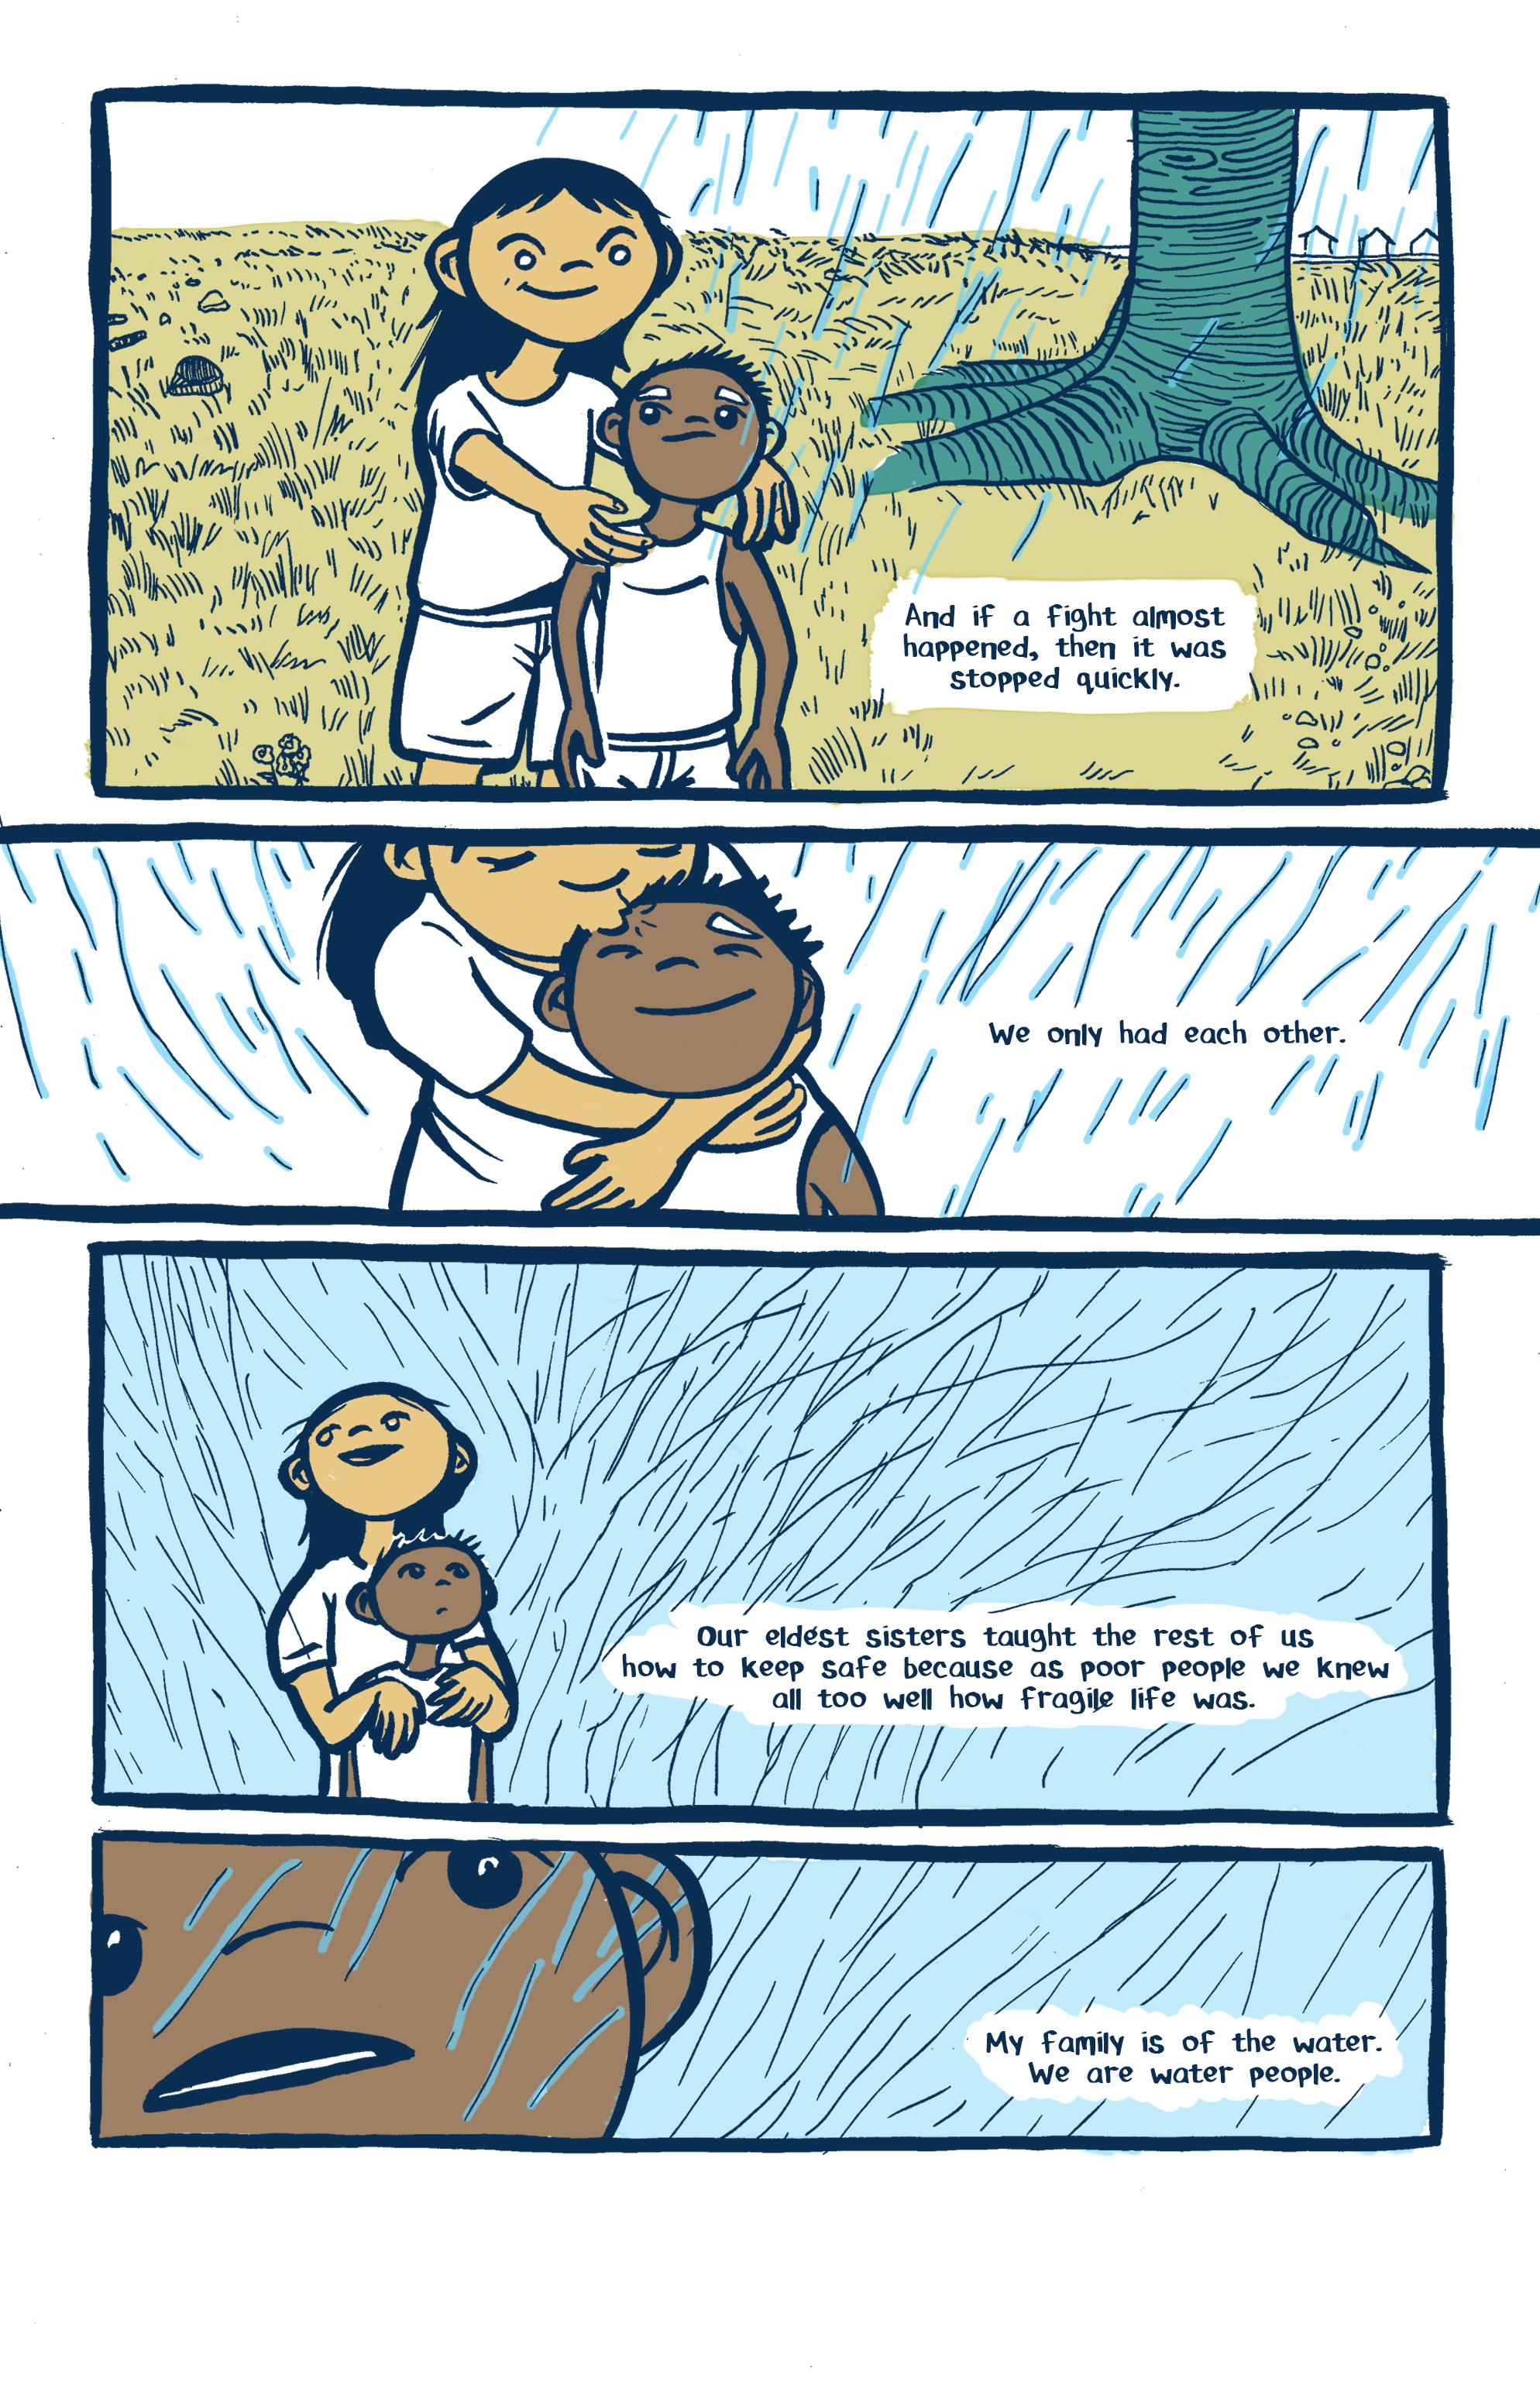 ed3f22fddc Trinidad Escobar is a poet